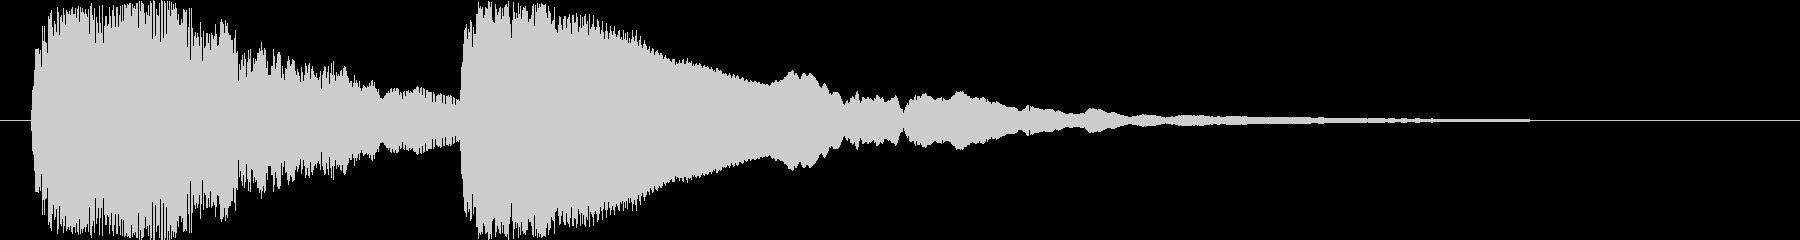 トゥ~ンティ~ン(ギター)の未再生の波形